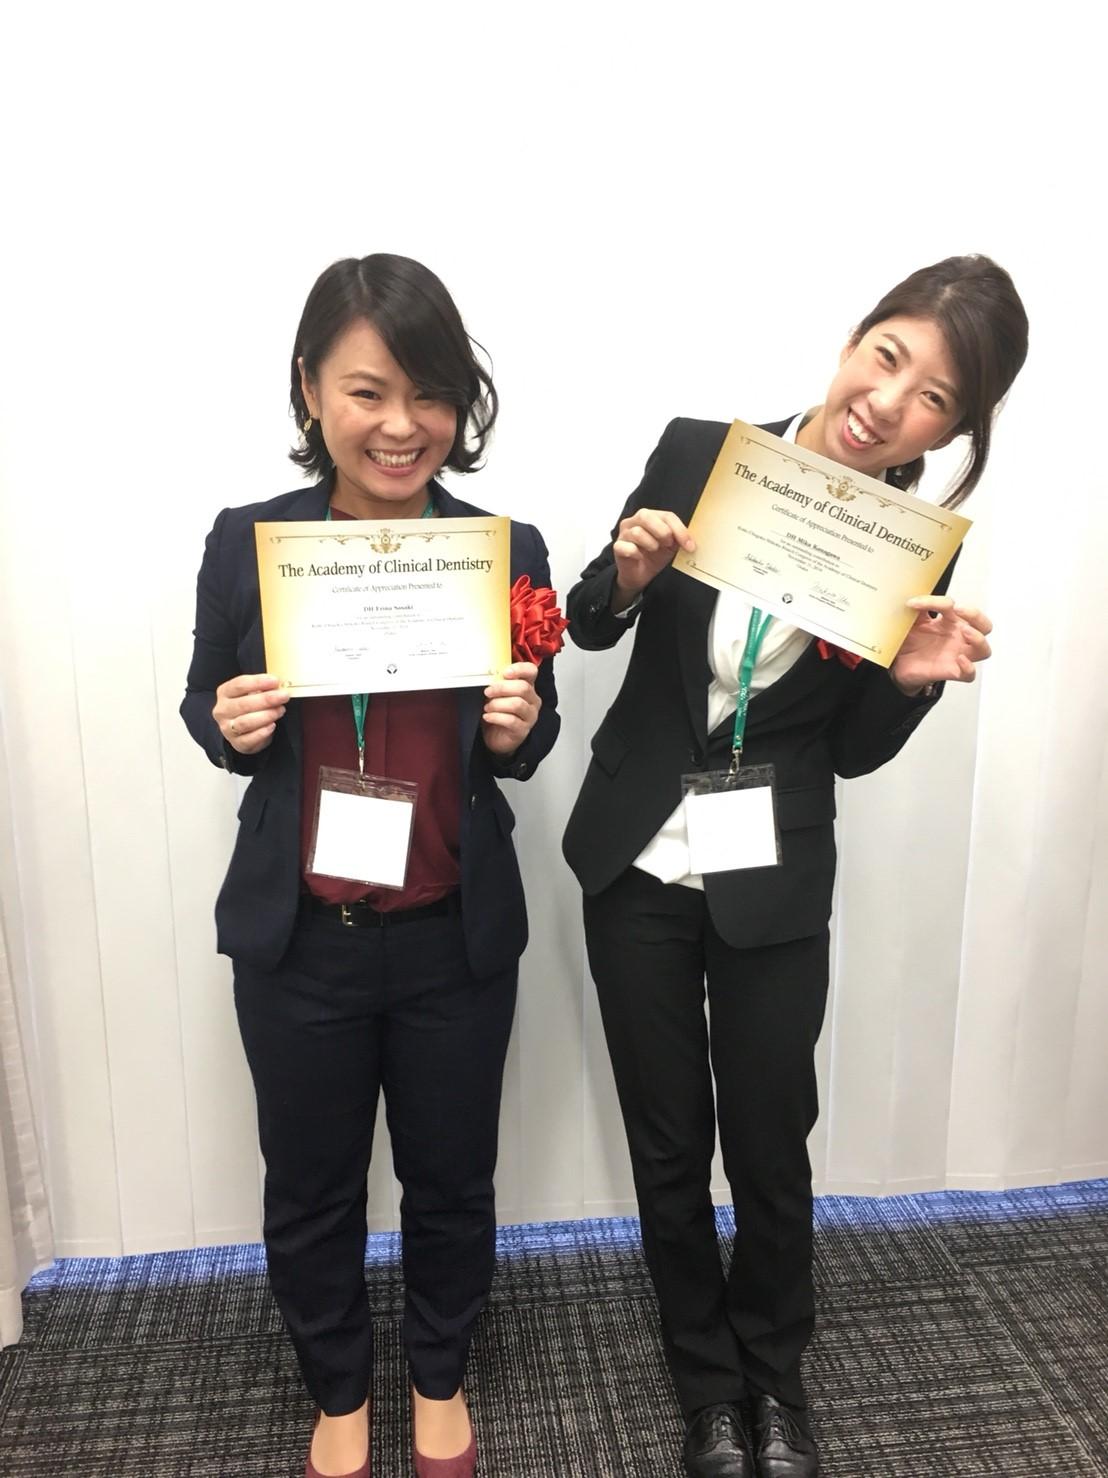 日本顎咬合学会の大会にて歯科衛生士の金川と佐々木が講演しました